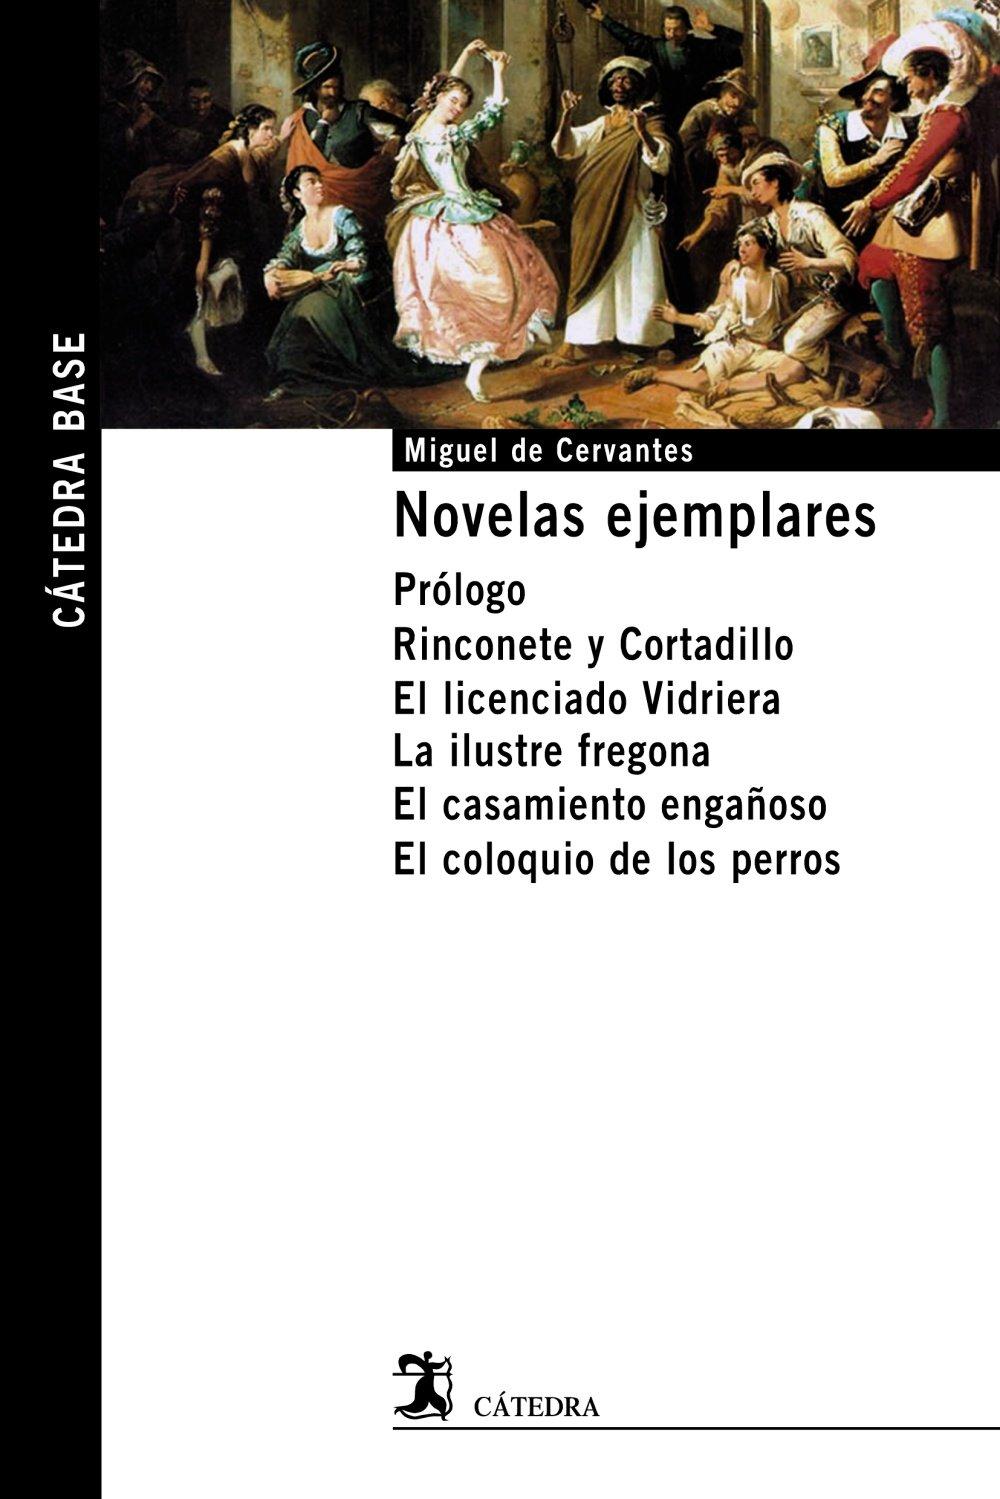 Novelas ejemplares : prólogo ; Rinconete y Cortadillo ; El licenciado Vidriera ; La ilustre fregona ; El casamiento engañoso ; El coloquio de los perros (Cátedra Base)